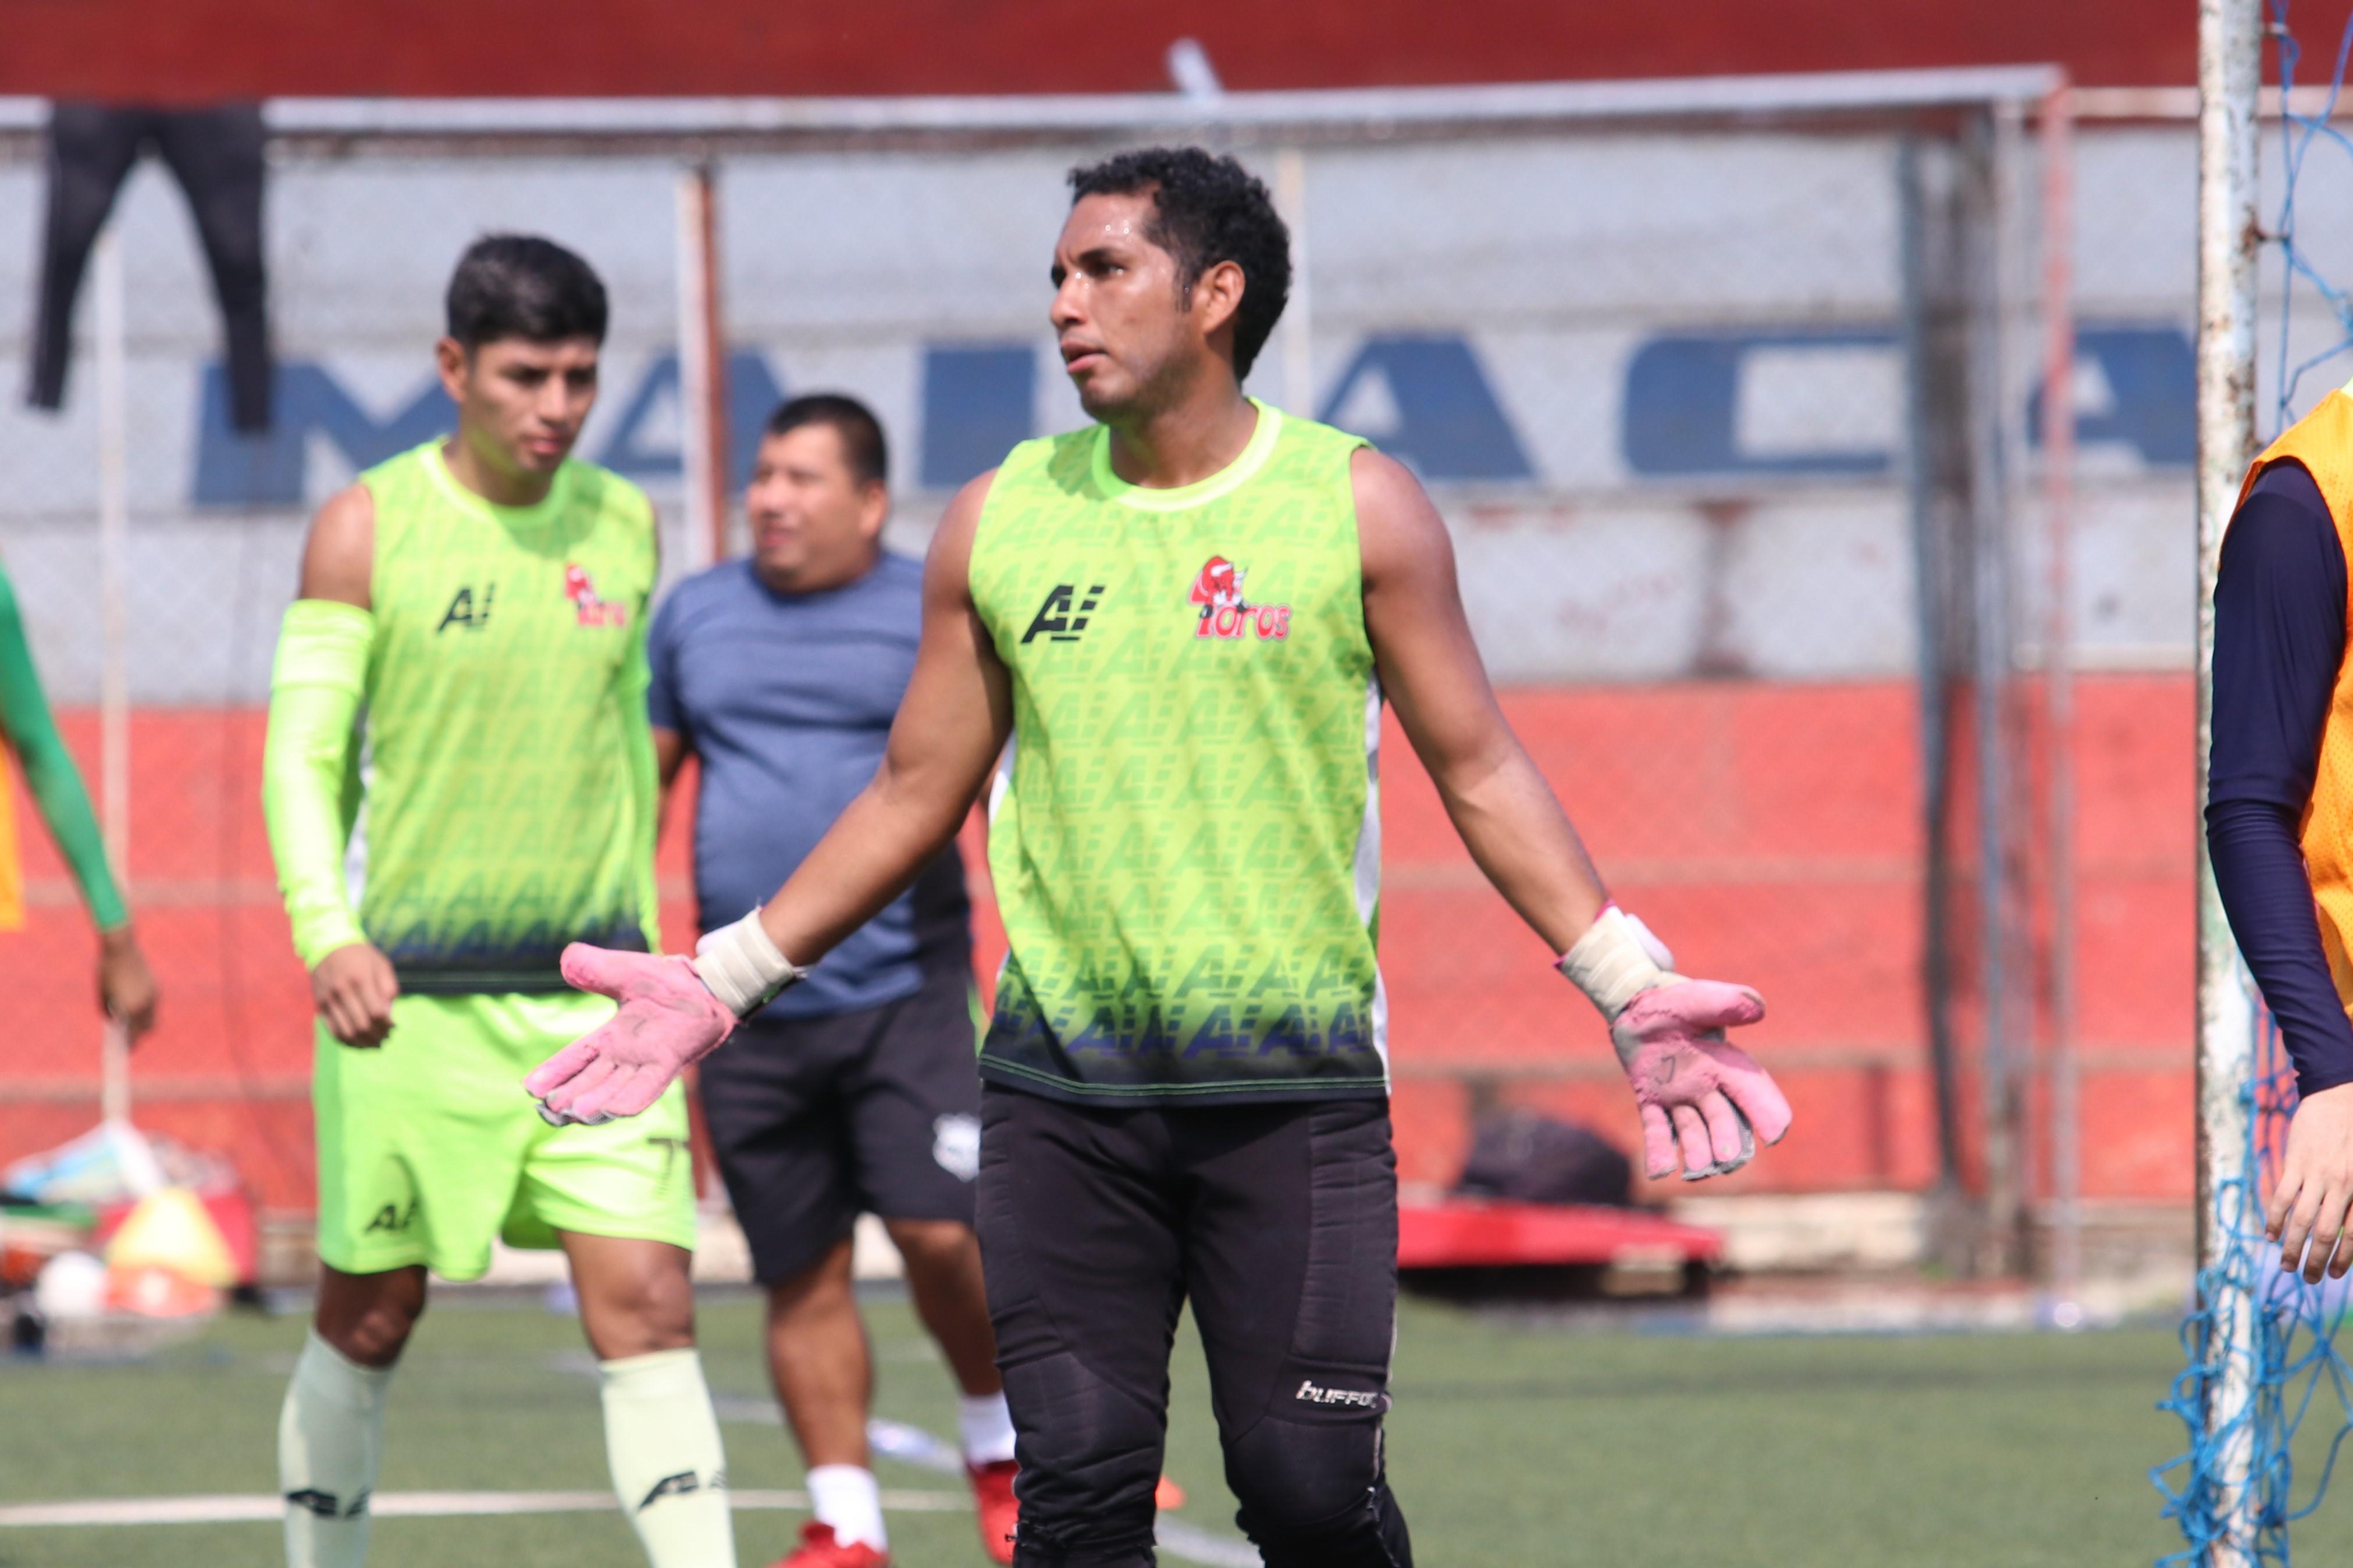 Juan Valenzuela espera tomar revancha de la eliminación del torneo pasado. (Foto Prensa Libre: Raúl Juárez)